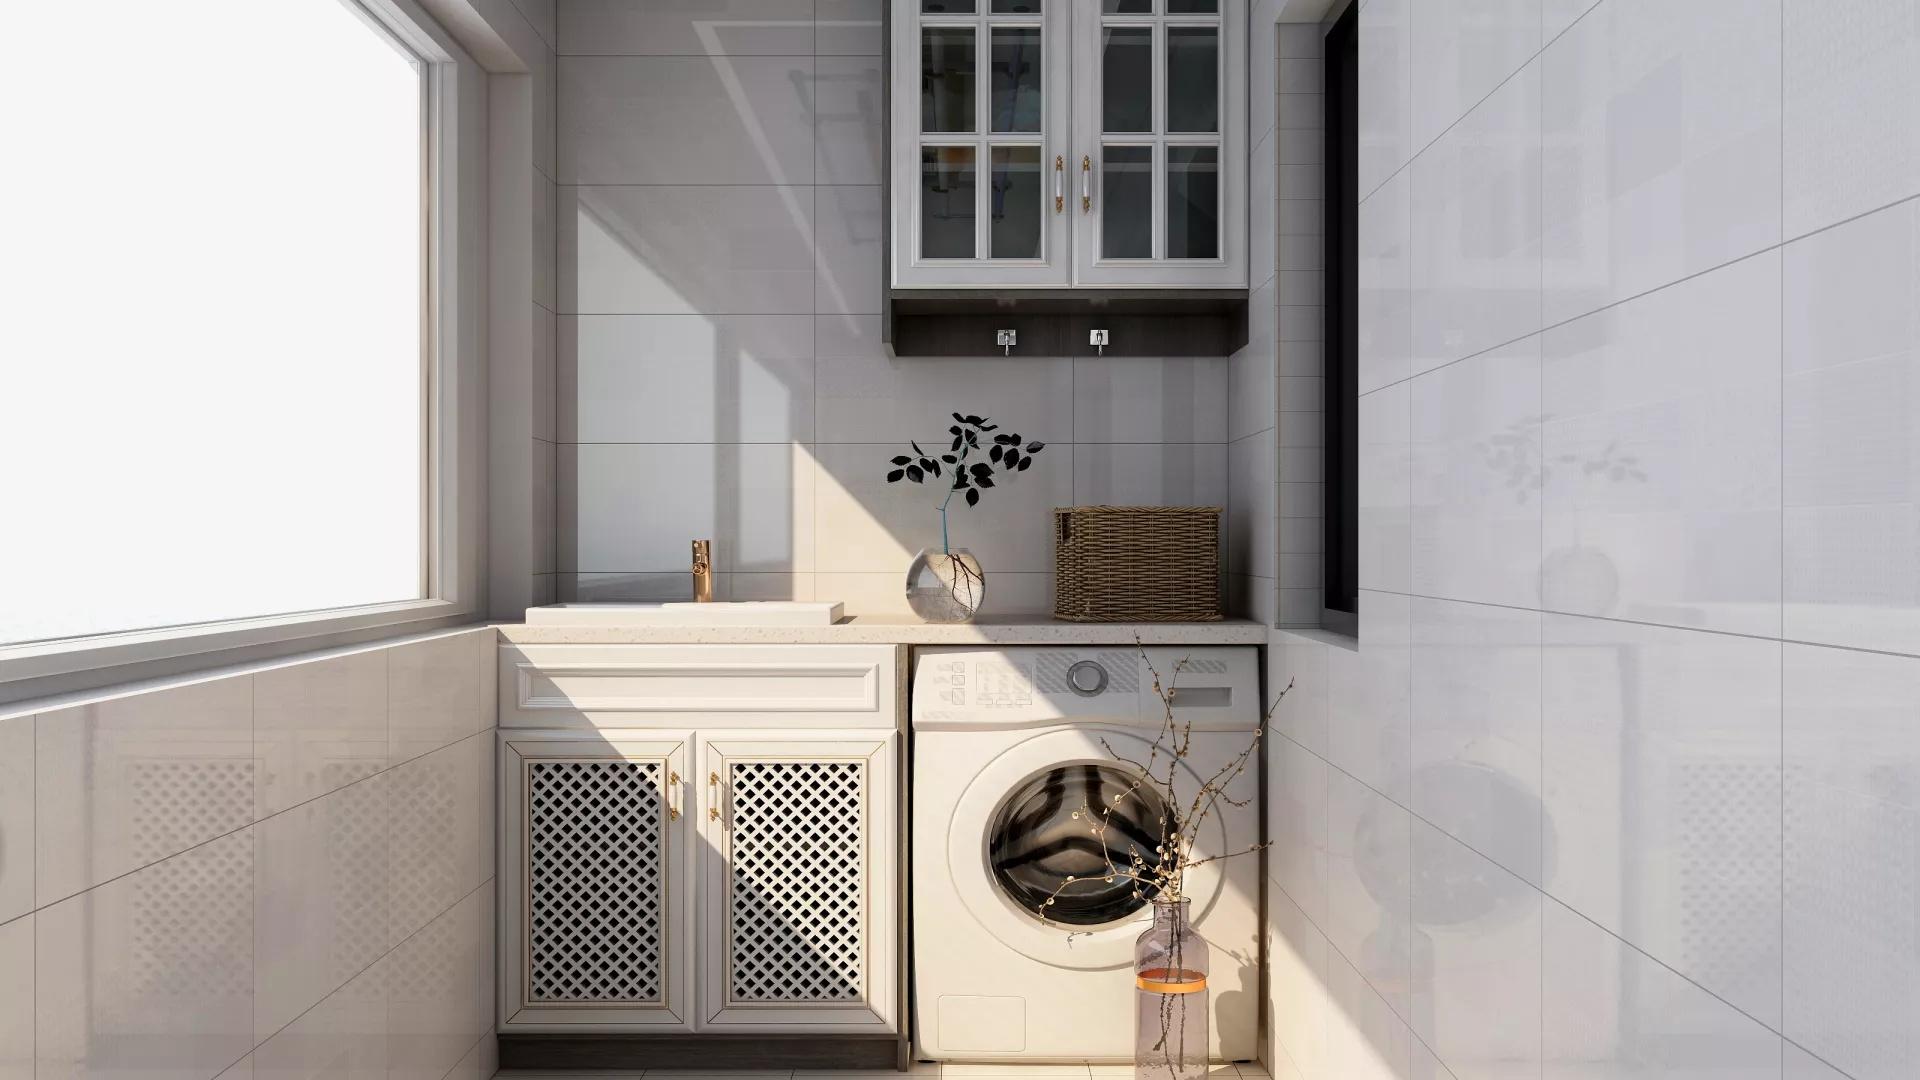 小戶型日式風格家裝怎么做?小戶型房屋如何裝修日式風格?